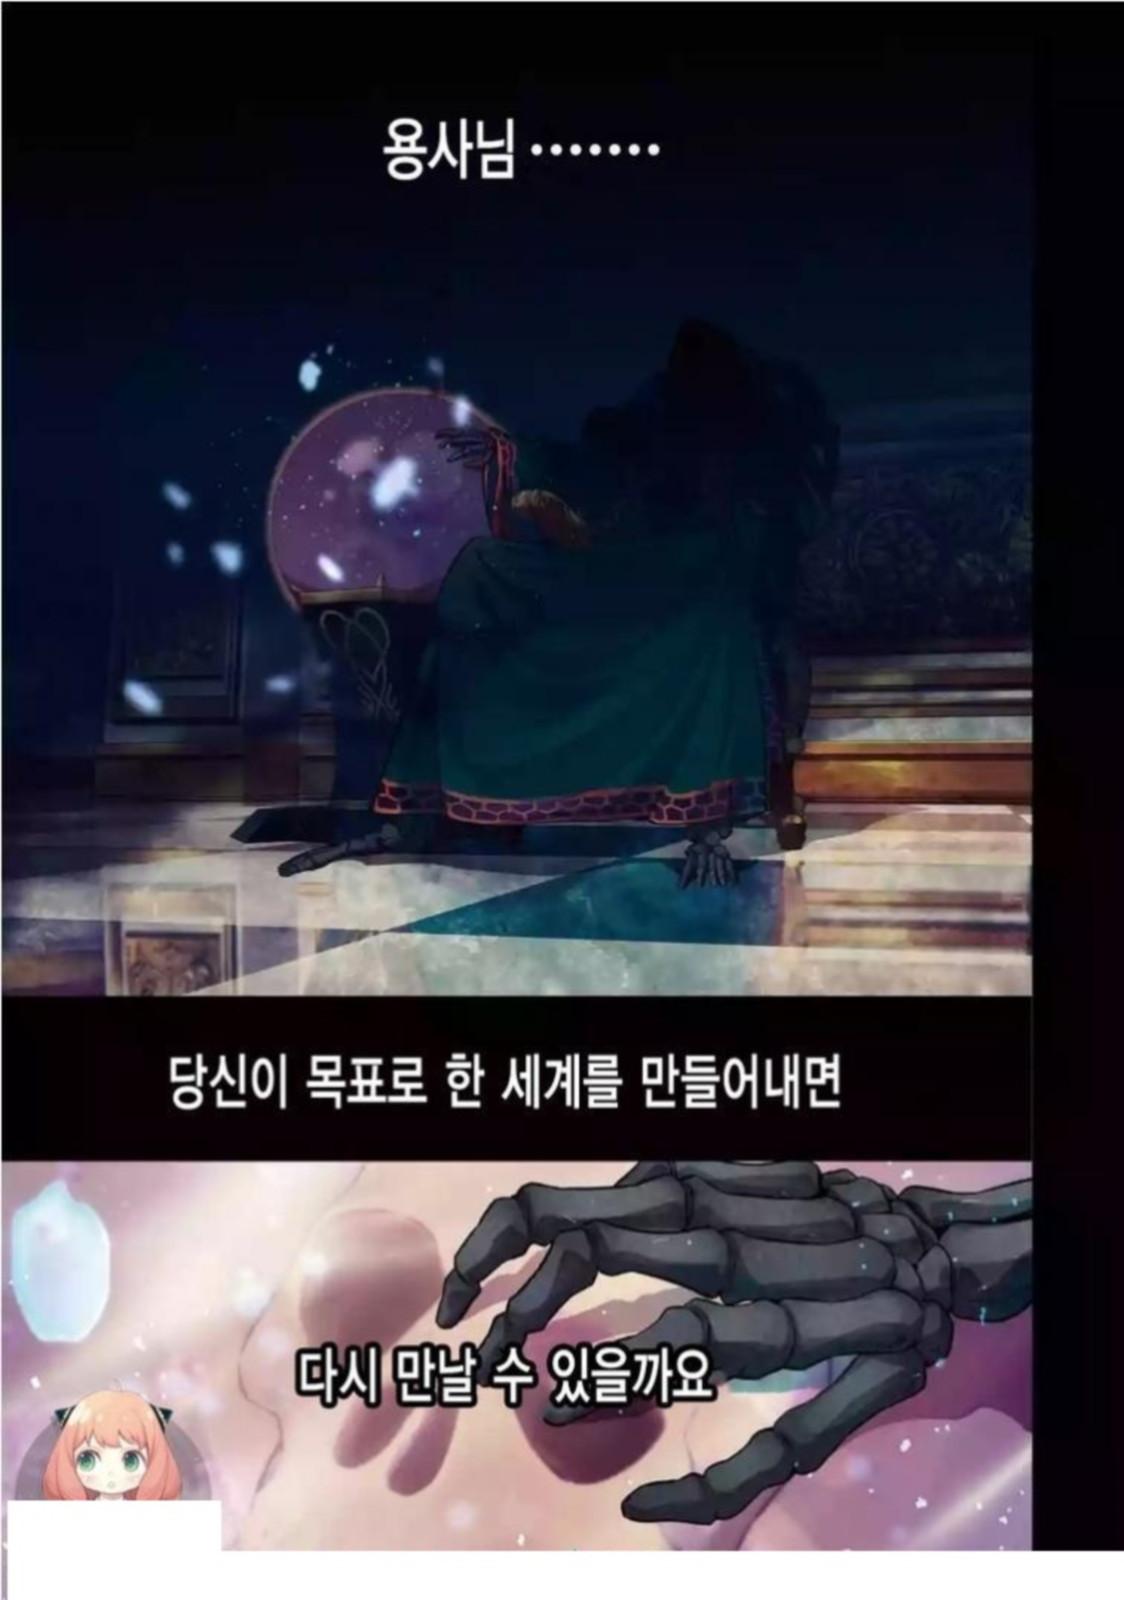 [번역] 처형당한 현자는 리치로 전생하여 침략 전쟁을 시작한다 1-14.4